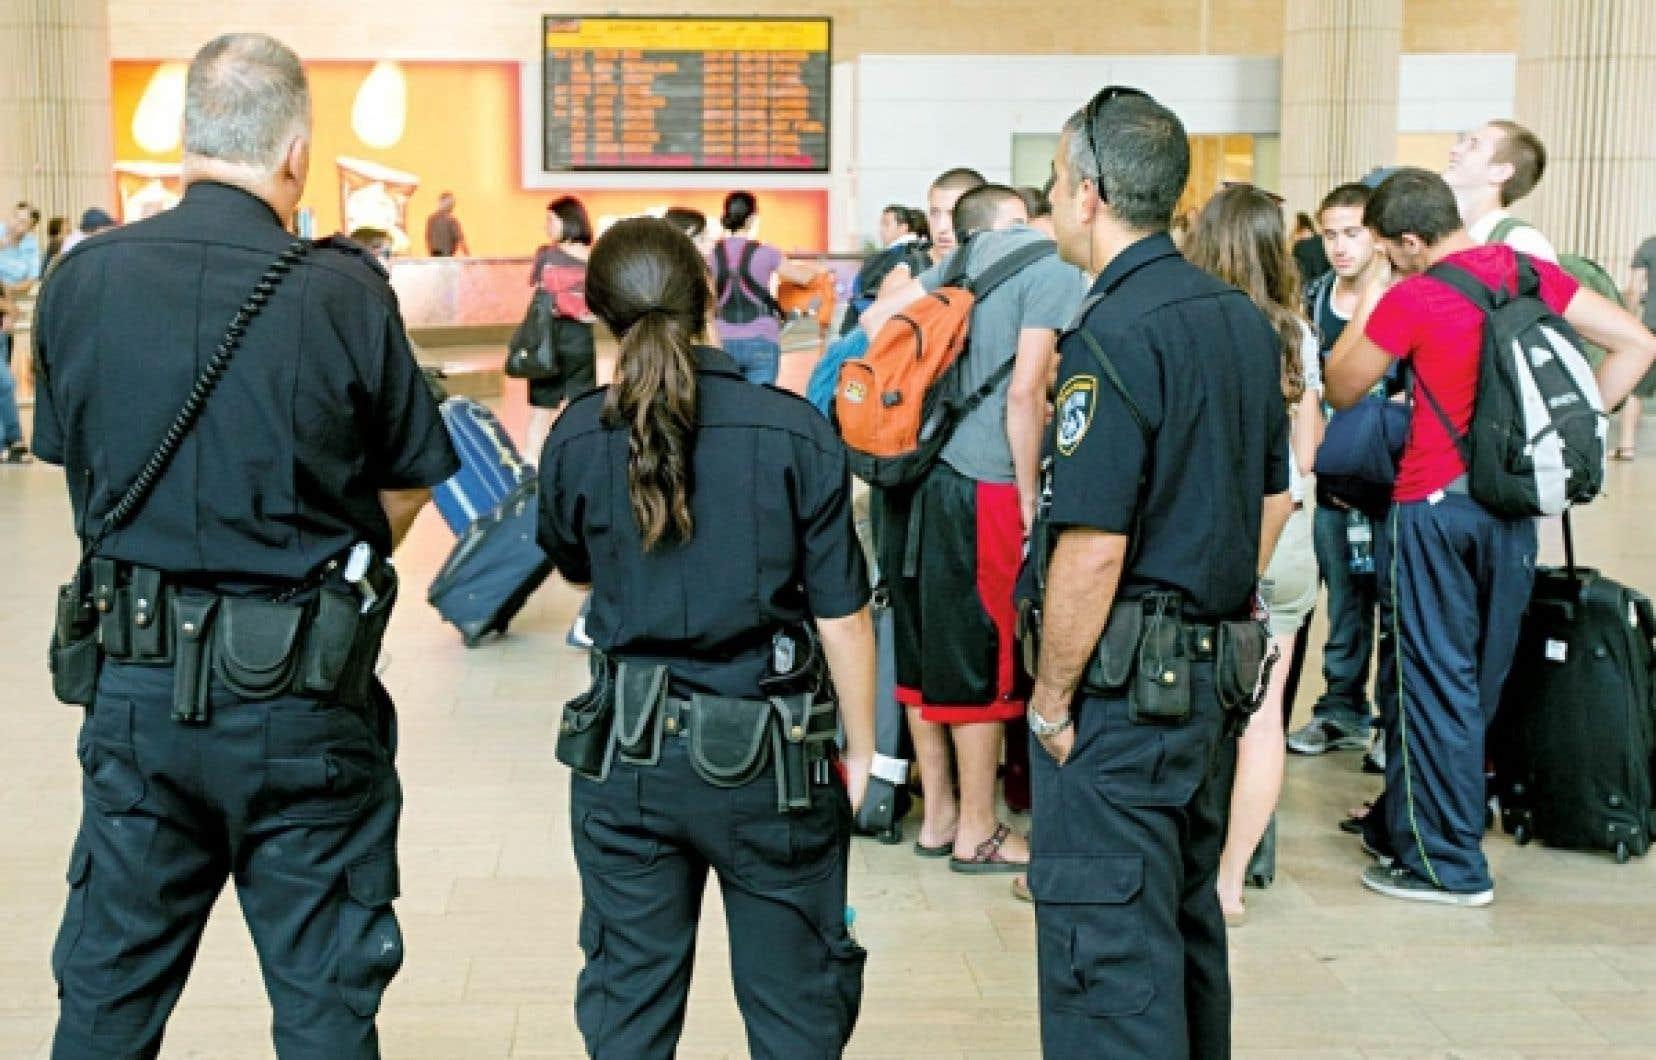 La sécurité a été renforcée hier à l'aéroport Ben Gourion de Tel-Aviv.<br />